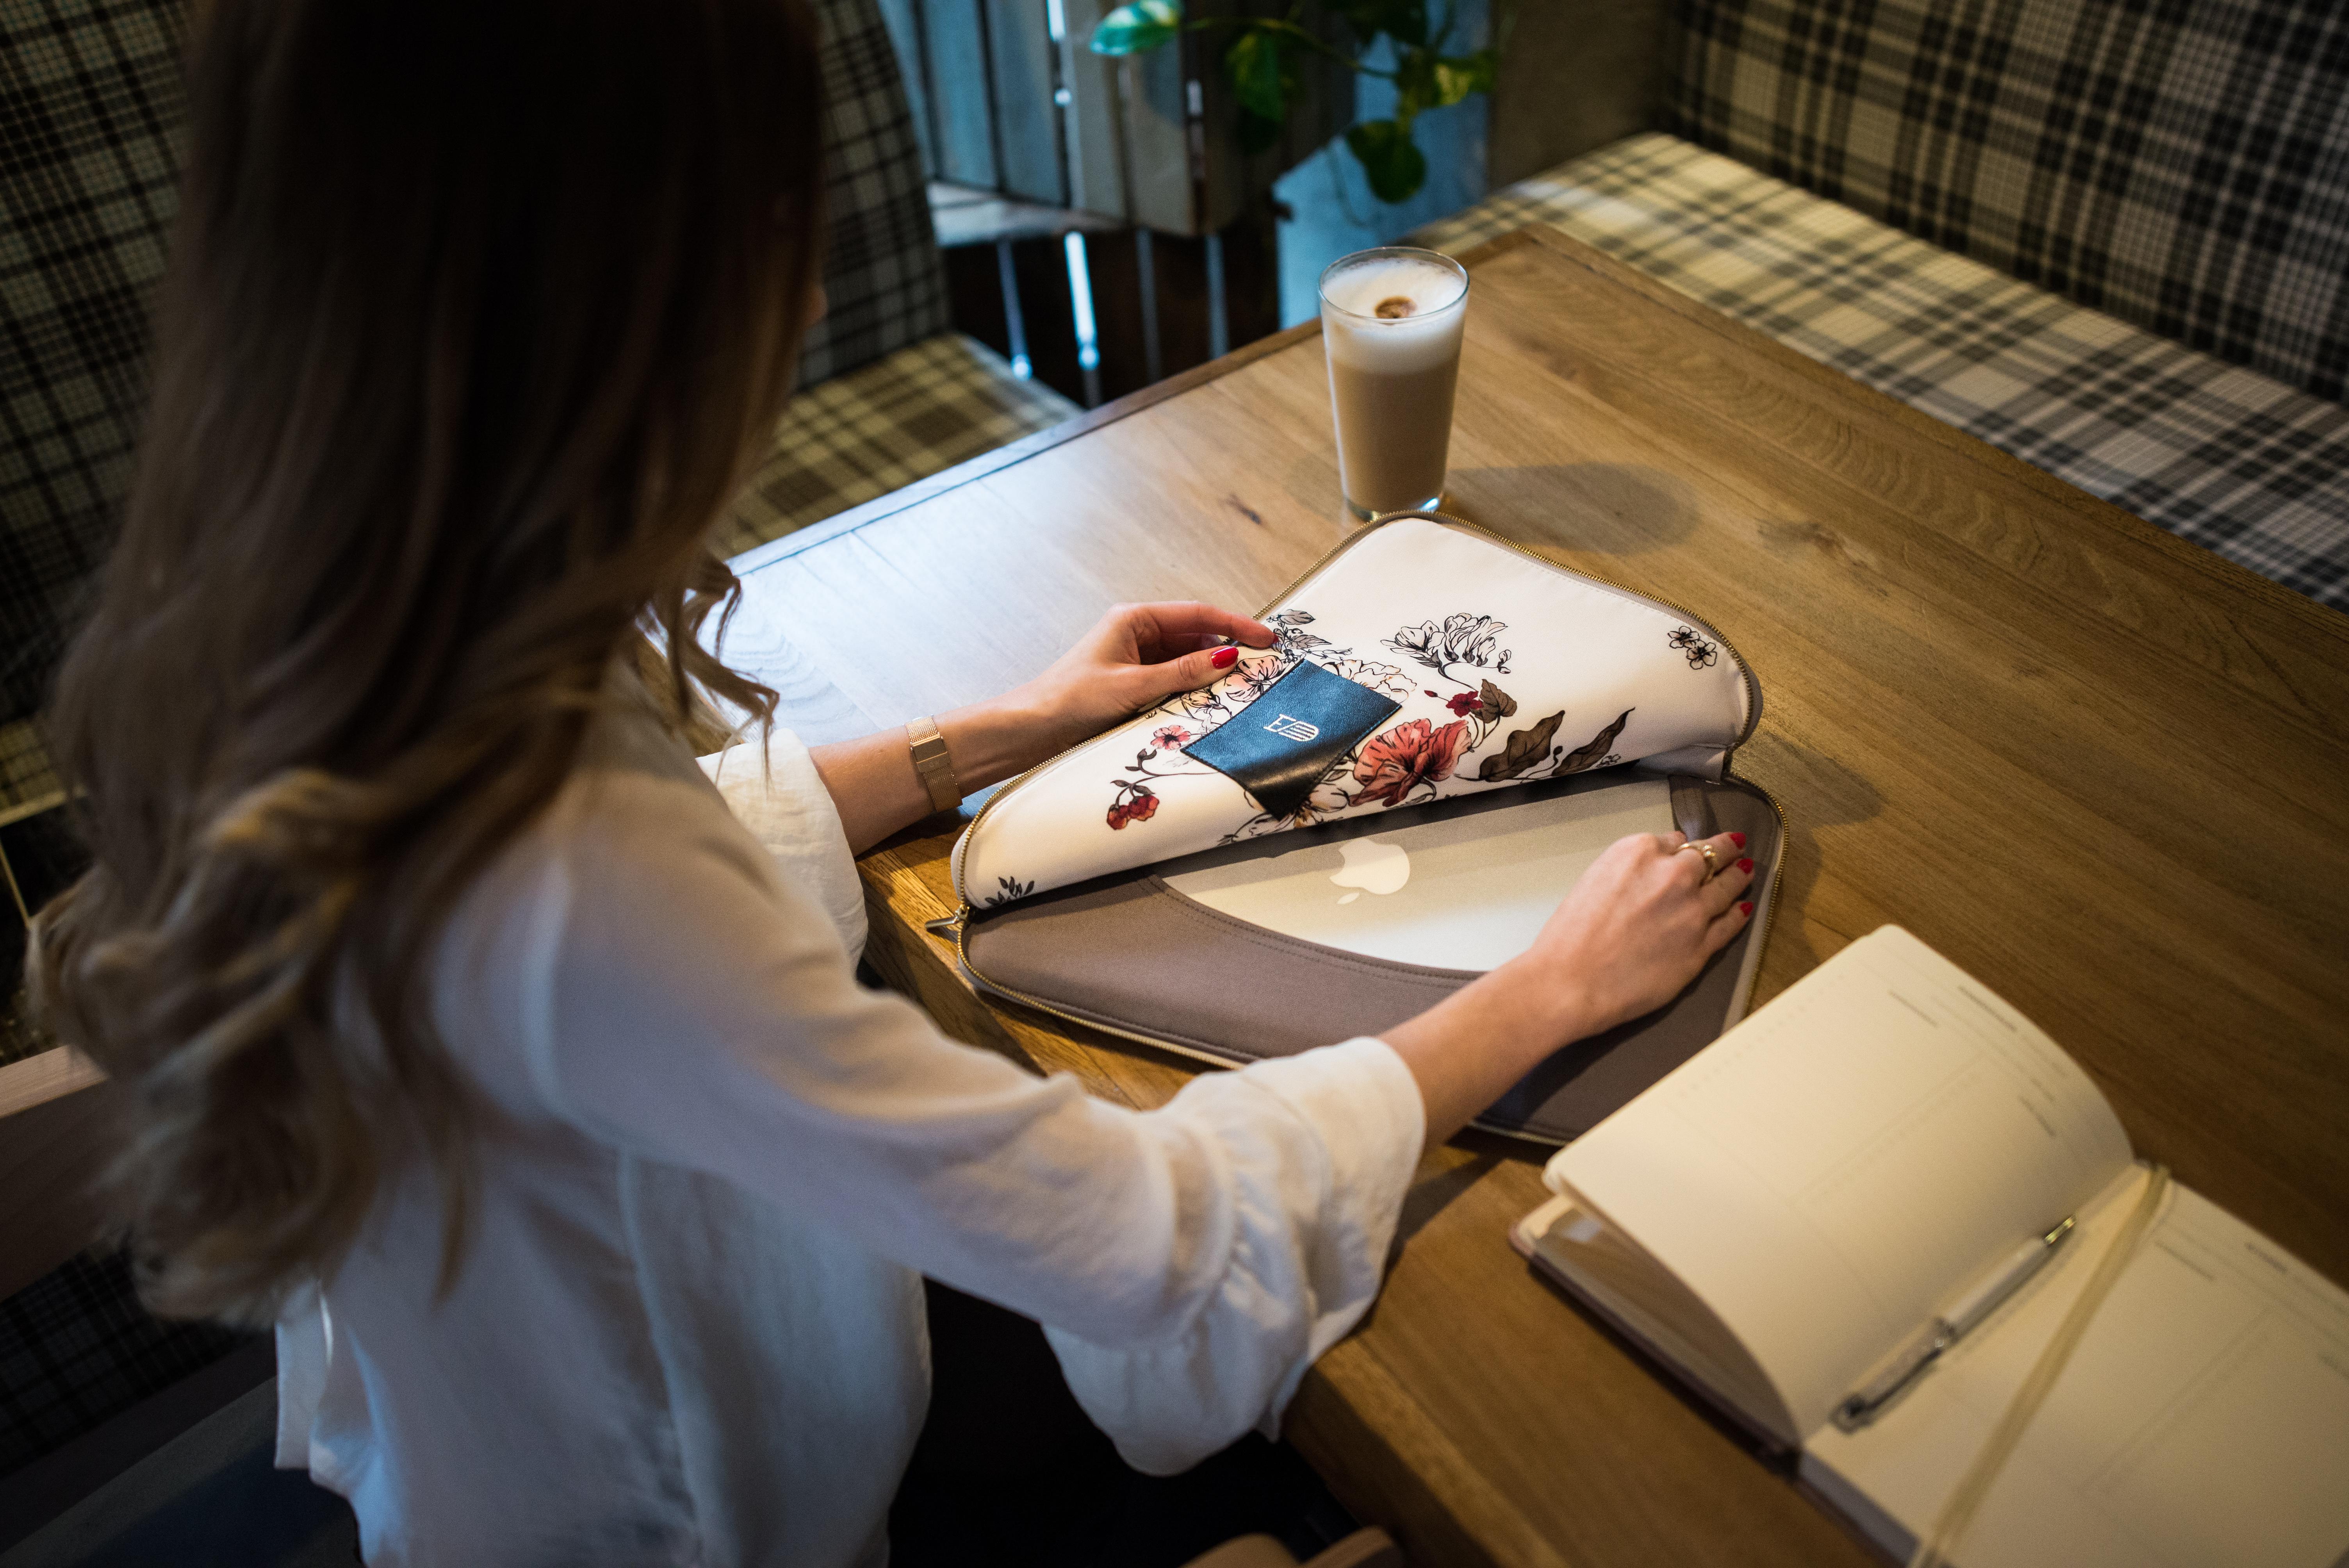 Marka Sowl tworzy piękne etui na tablety/ laptopy